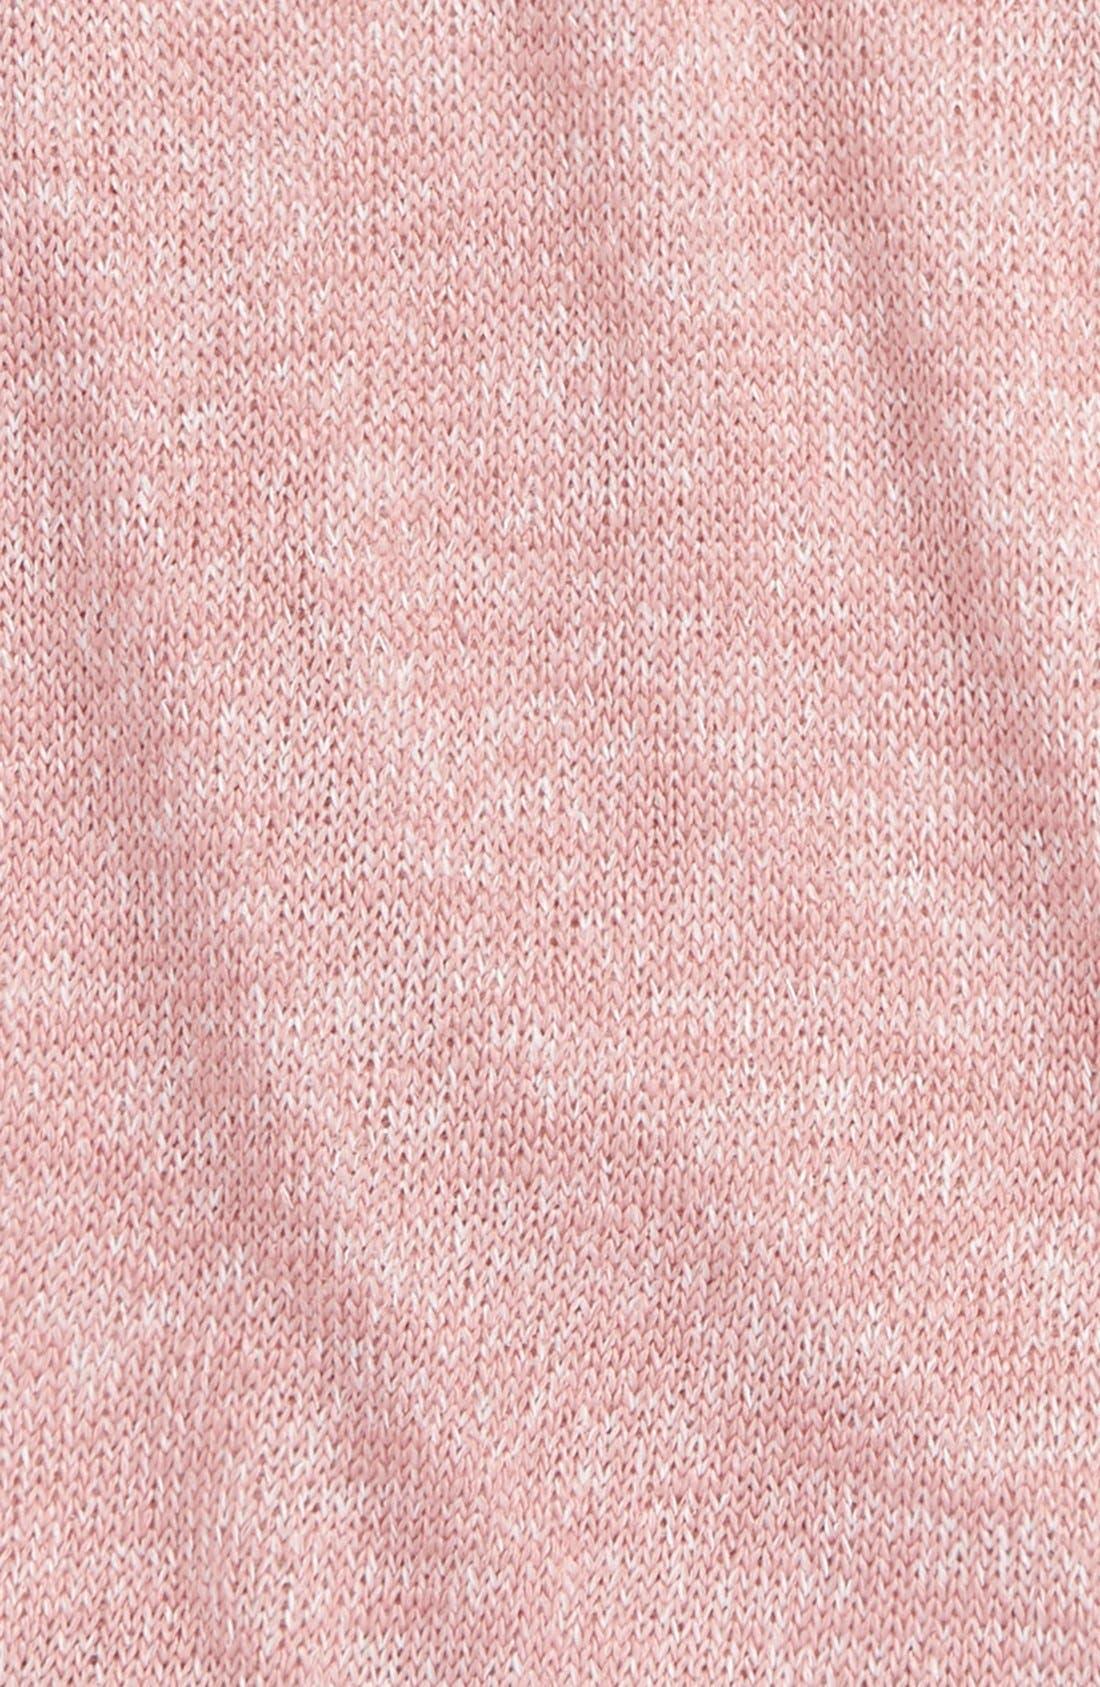 Alternate Image 2  - h.i.p. Mock Neck Knit Top (Big Girls)